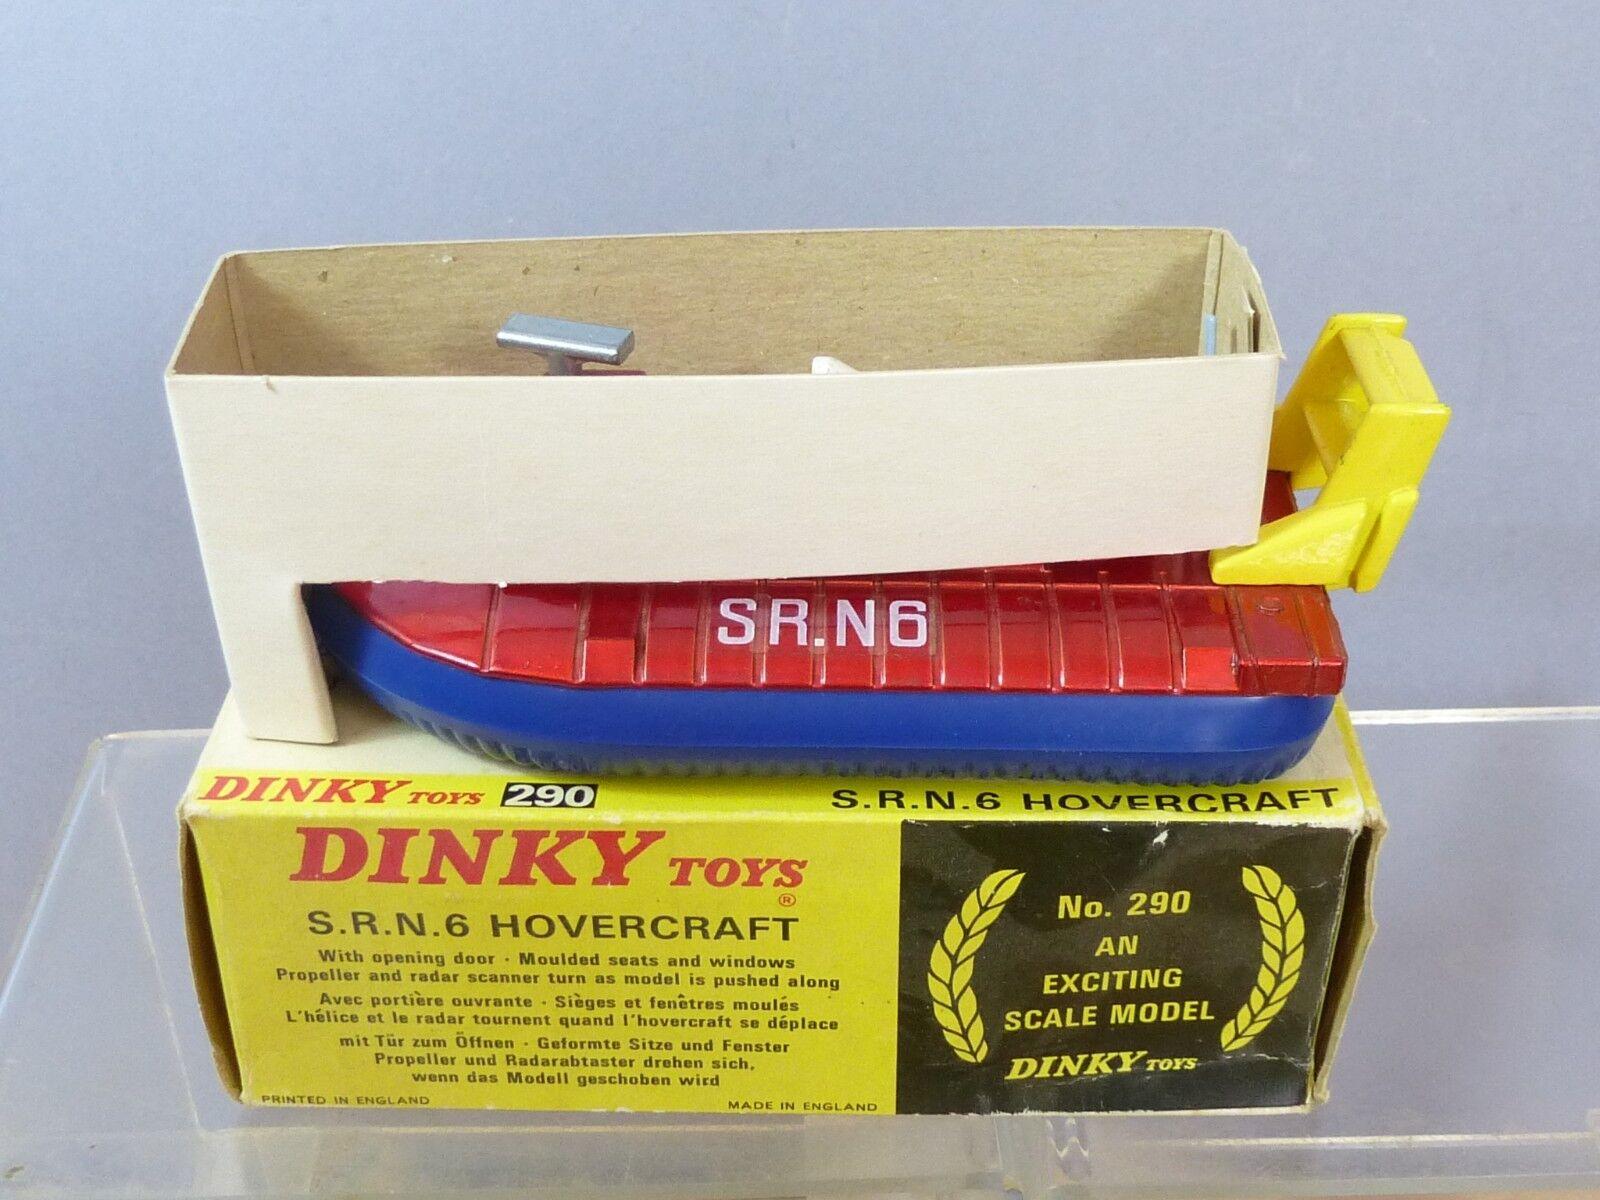 DINKY TOYS modèle No.290 S.R.N.6 HOVERCRAFT  Metallic  rouge Version  VN En parfait état, dans sa boîte  pour pas cher